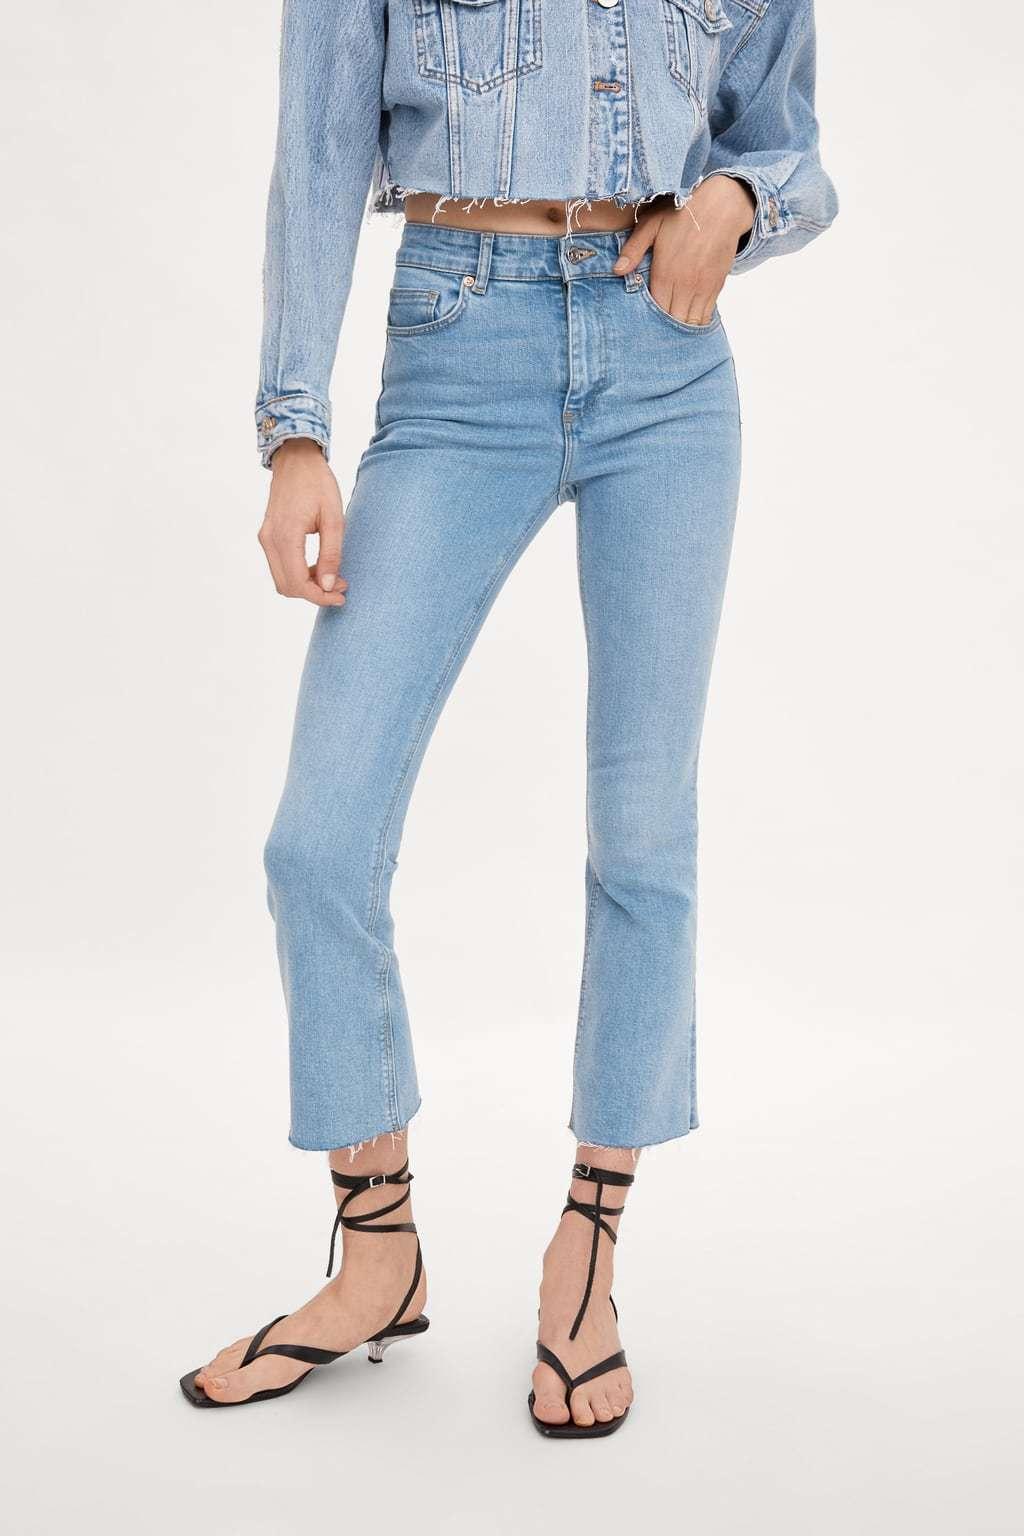 Jeans de rebajas de Zara.